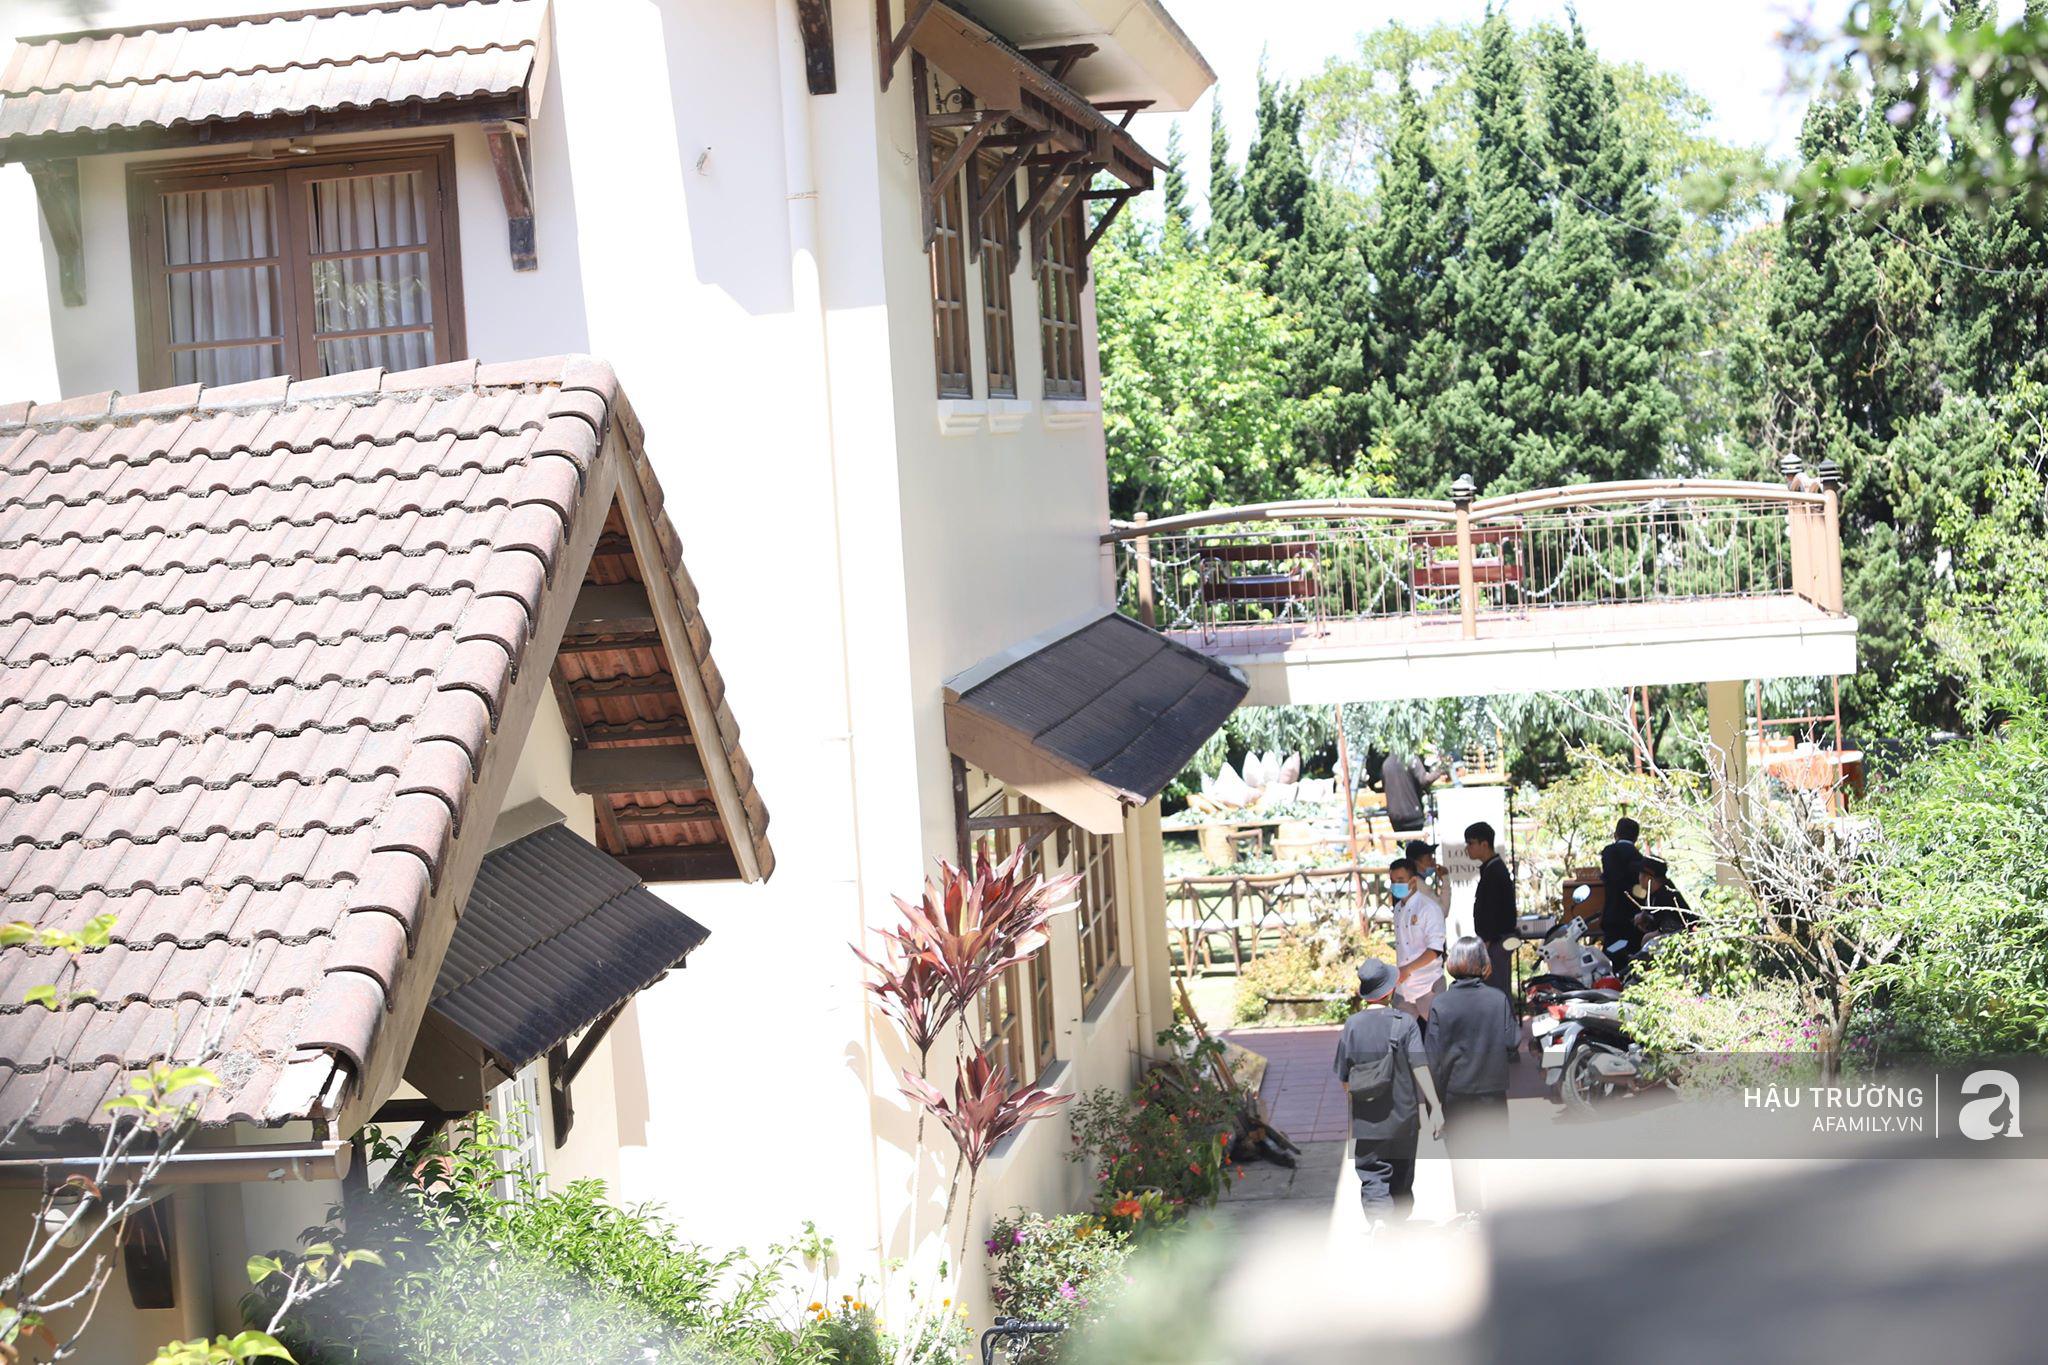 Đám cưới Tóc Tiên và Hoàng Touliver: Lộ hình cận mặt cô dâu chú rể, địa điểm tổ chức tiệc cưới đang trong quá trình trang trí - Ảnh 15.